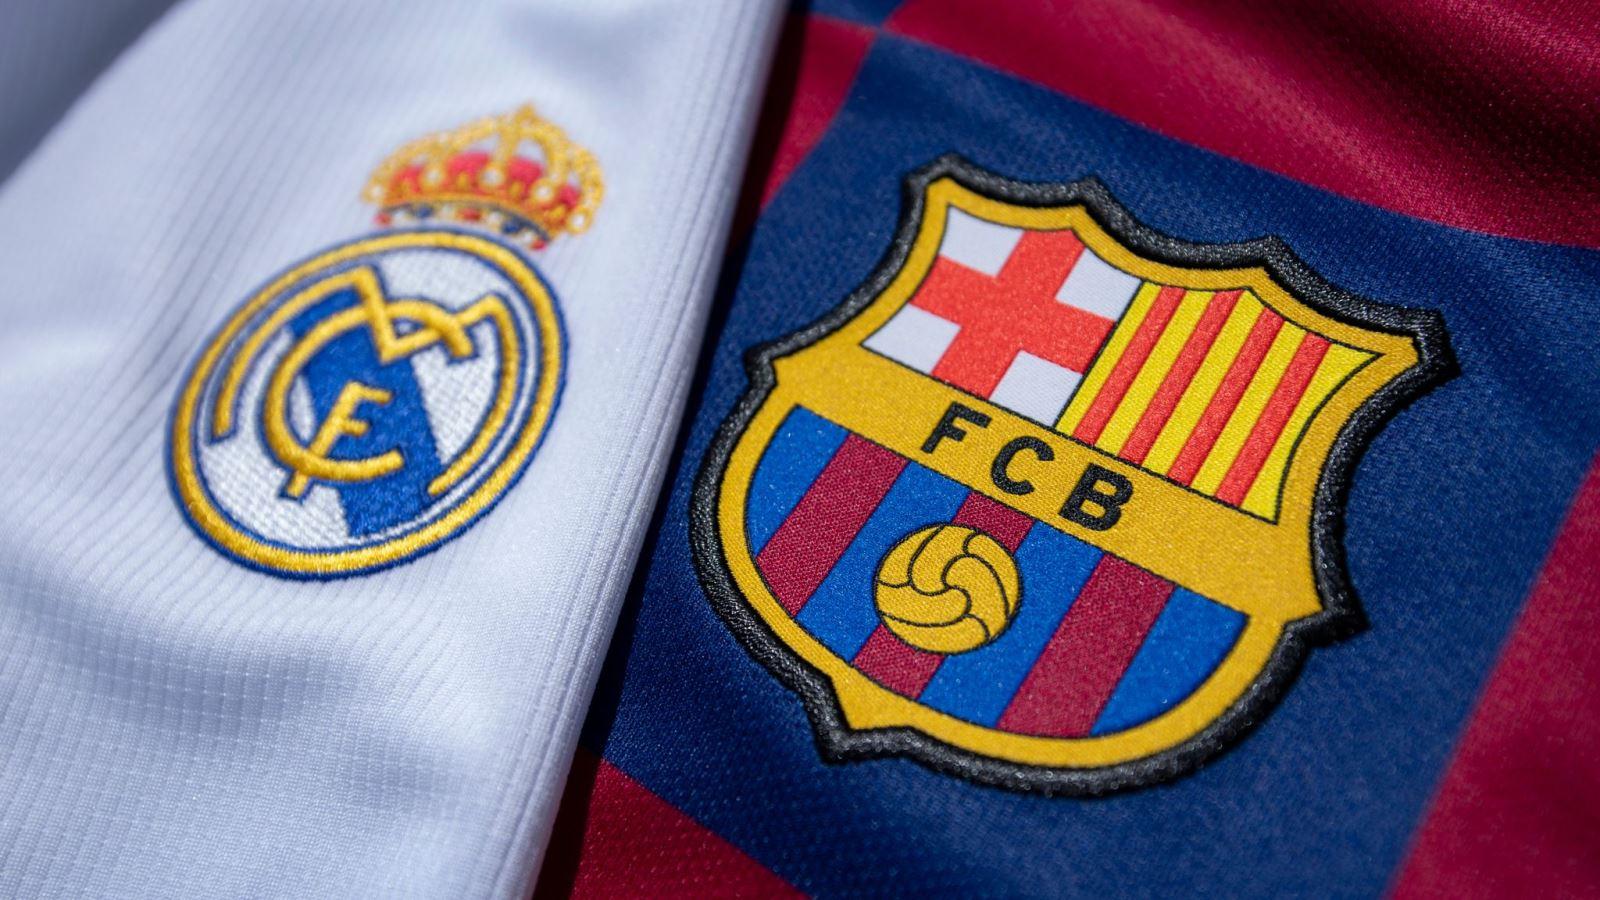 Lịch thi đấu bóng đá Tây Ban Nha vòng7.Lịch thi đấu bóng đá La Liga. Lịch bóng đá TBN. Bảng xếp hạng bóng đá Tây Ban Nha. Barcelona vs Real Madrid. BXH La Liga